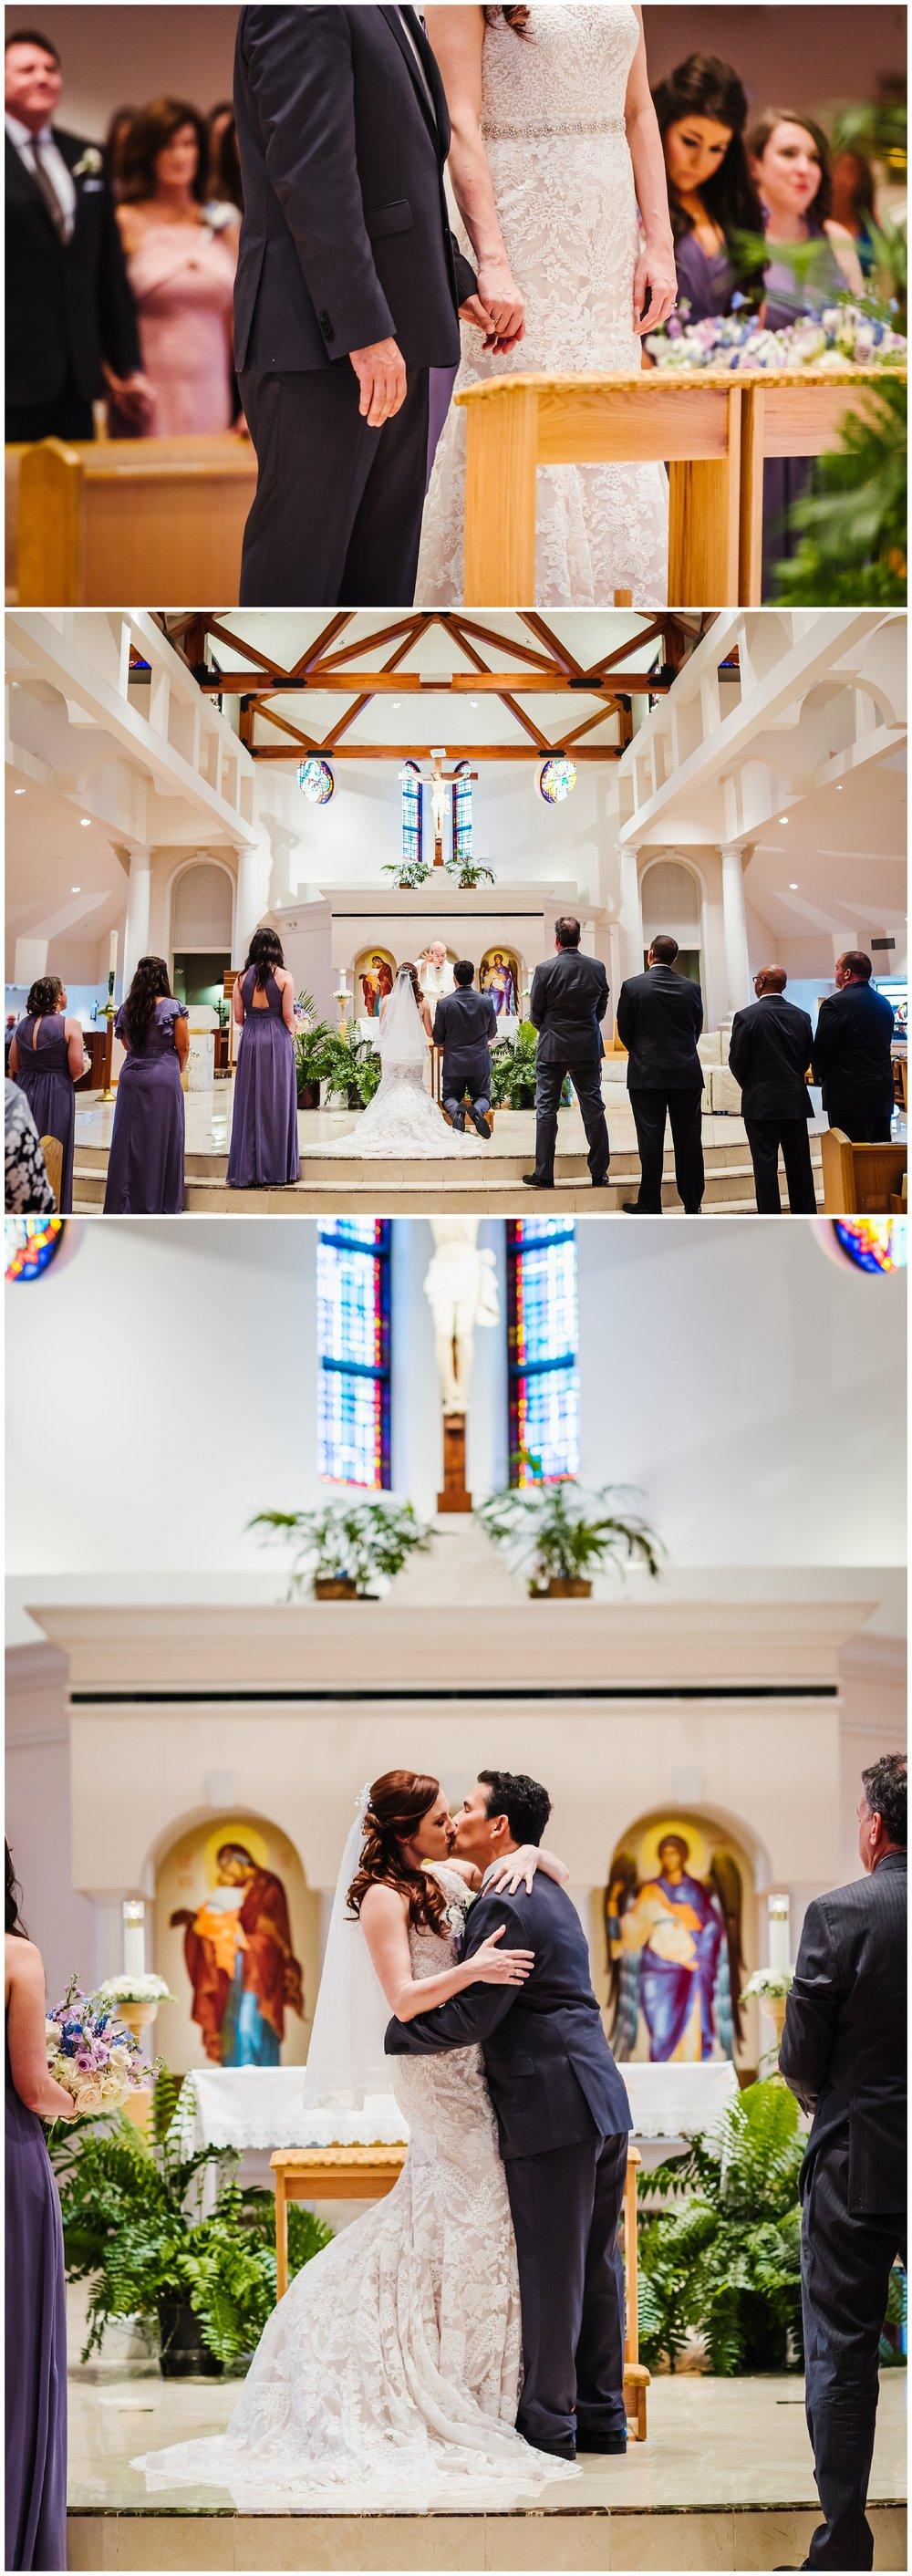 st-pete-wedding-photographer-nova-535-murals-downtown-lavendar_0025.jpg